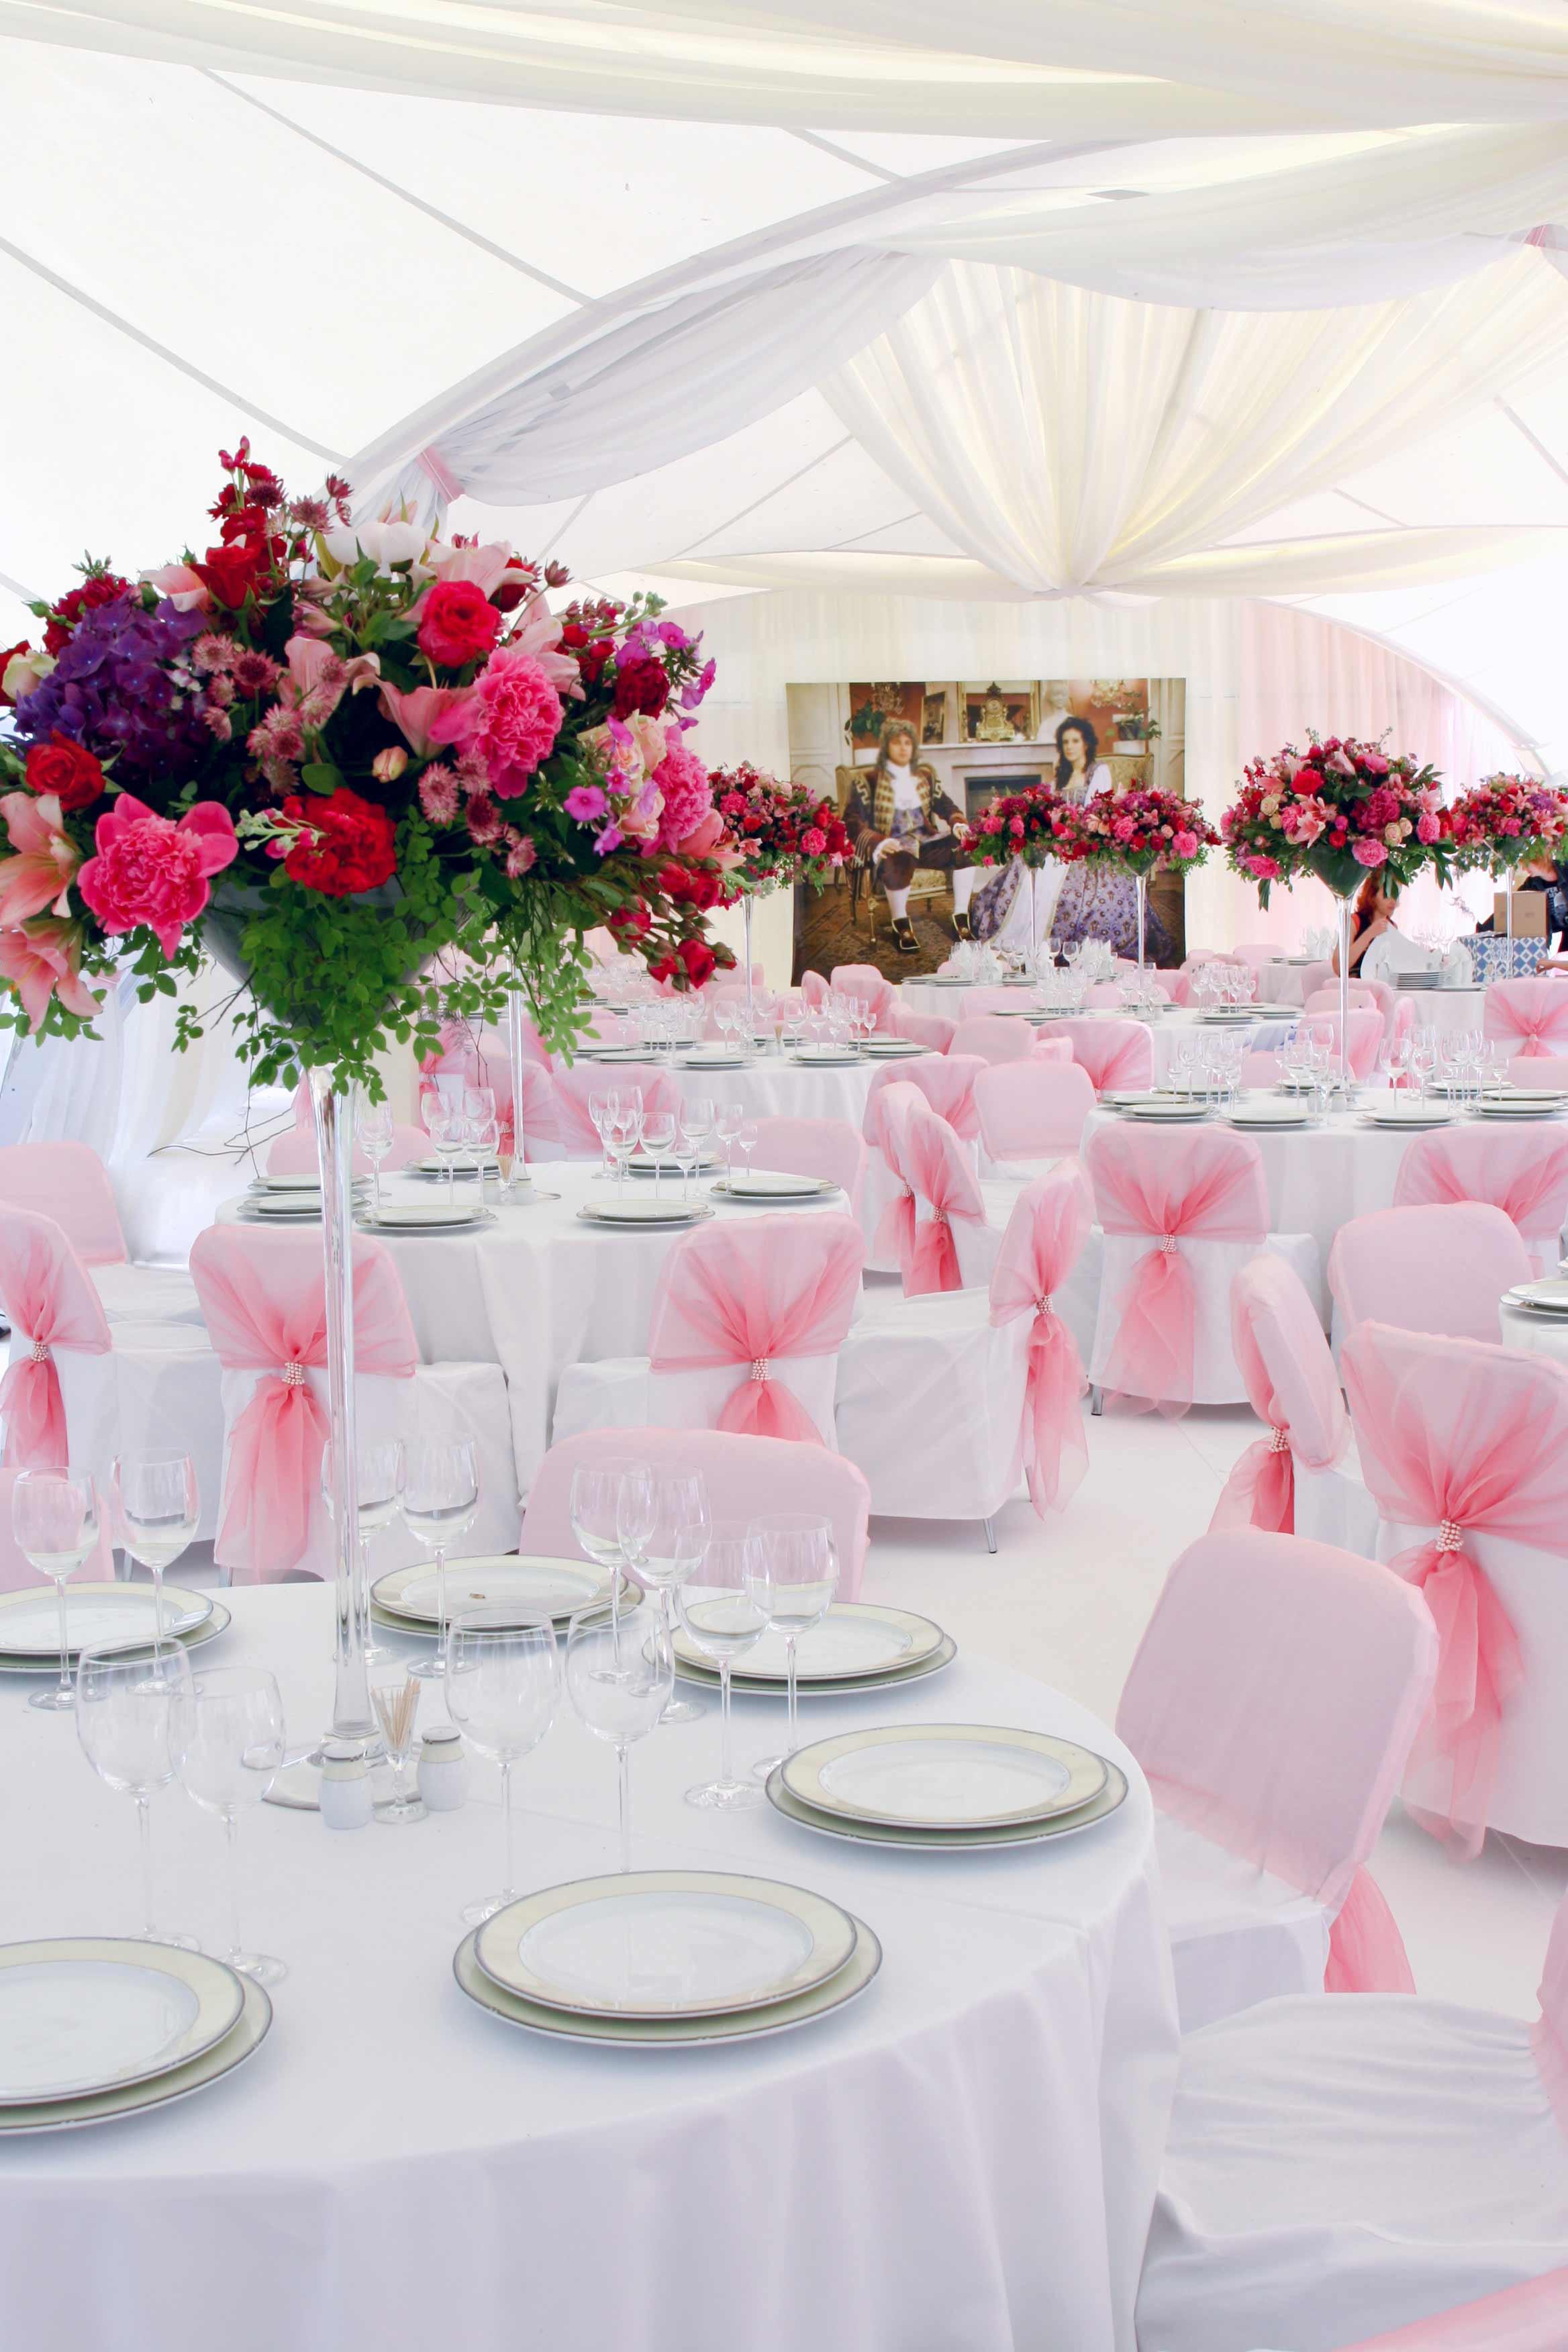 Tischdeko Hochzeit Mustertische  Tischdeko Hochzeit runde Tische Bildergalerie